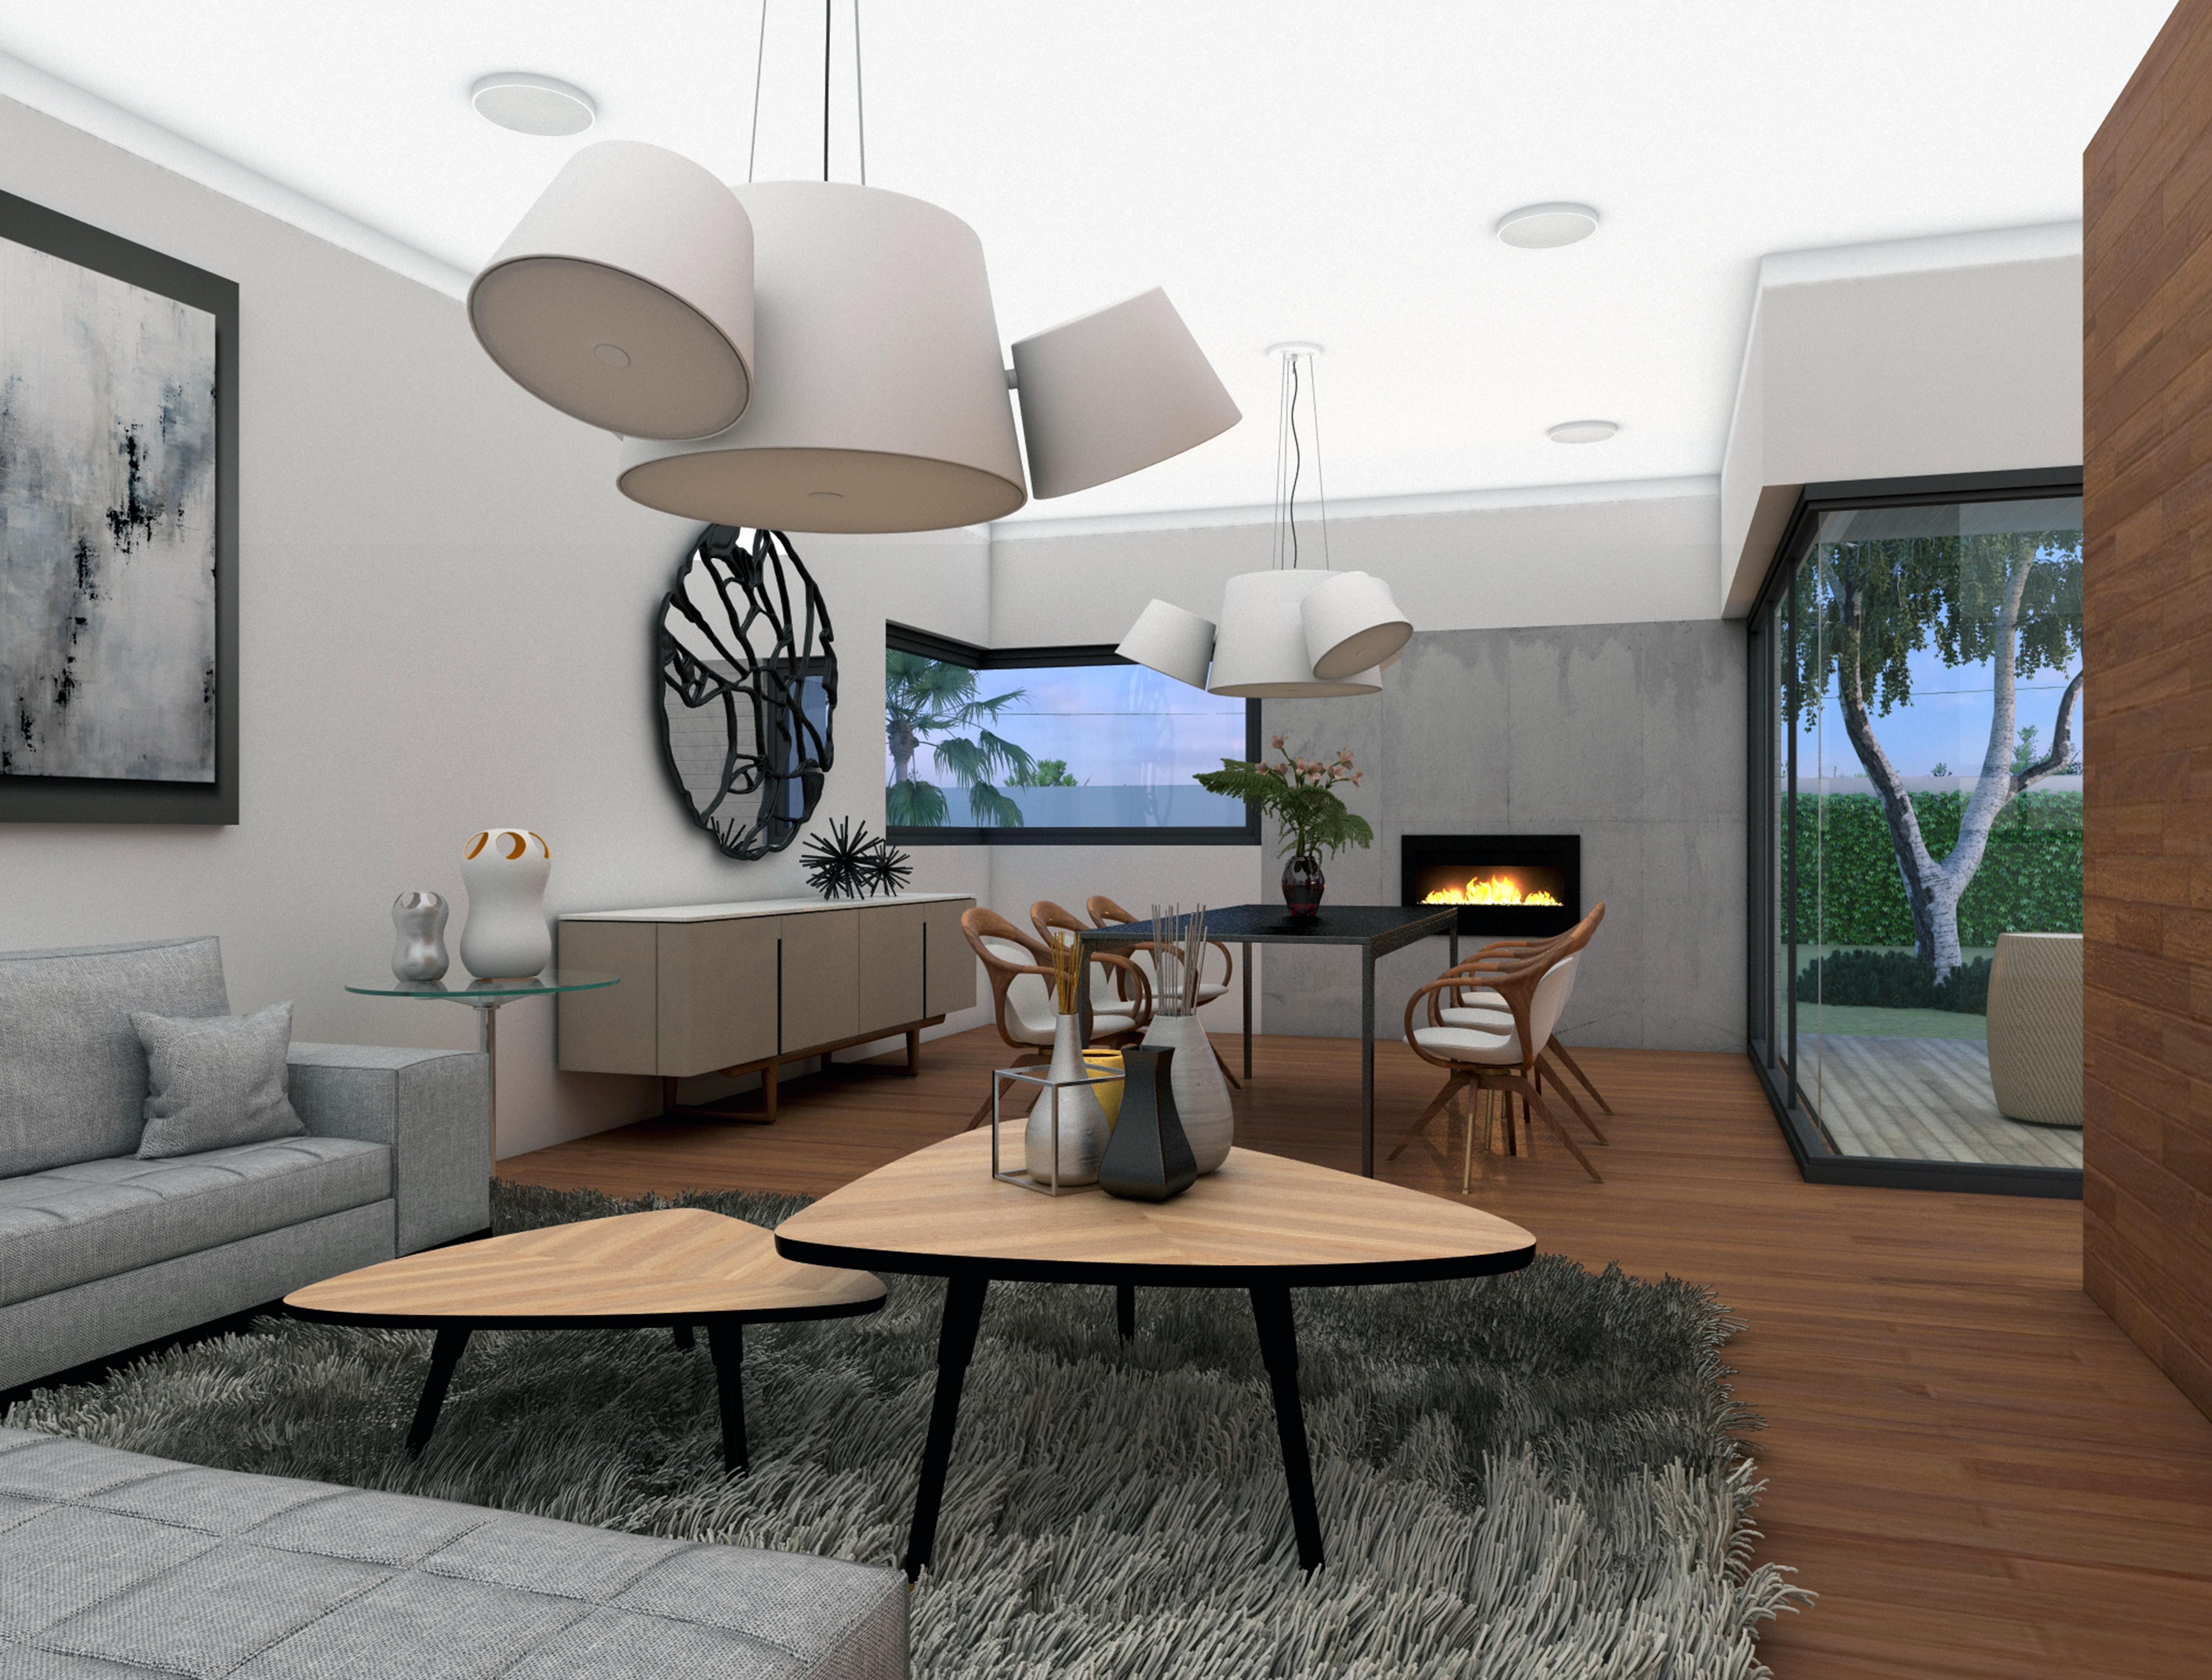 Dise o de la casa prefabricada sq47 casas prefabricadas - La casa prefabricada ...